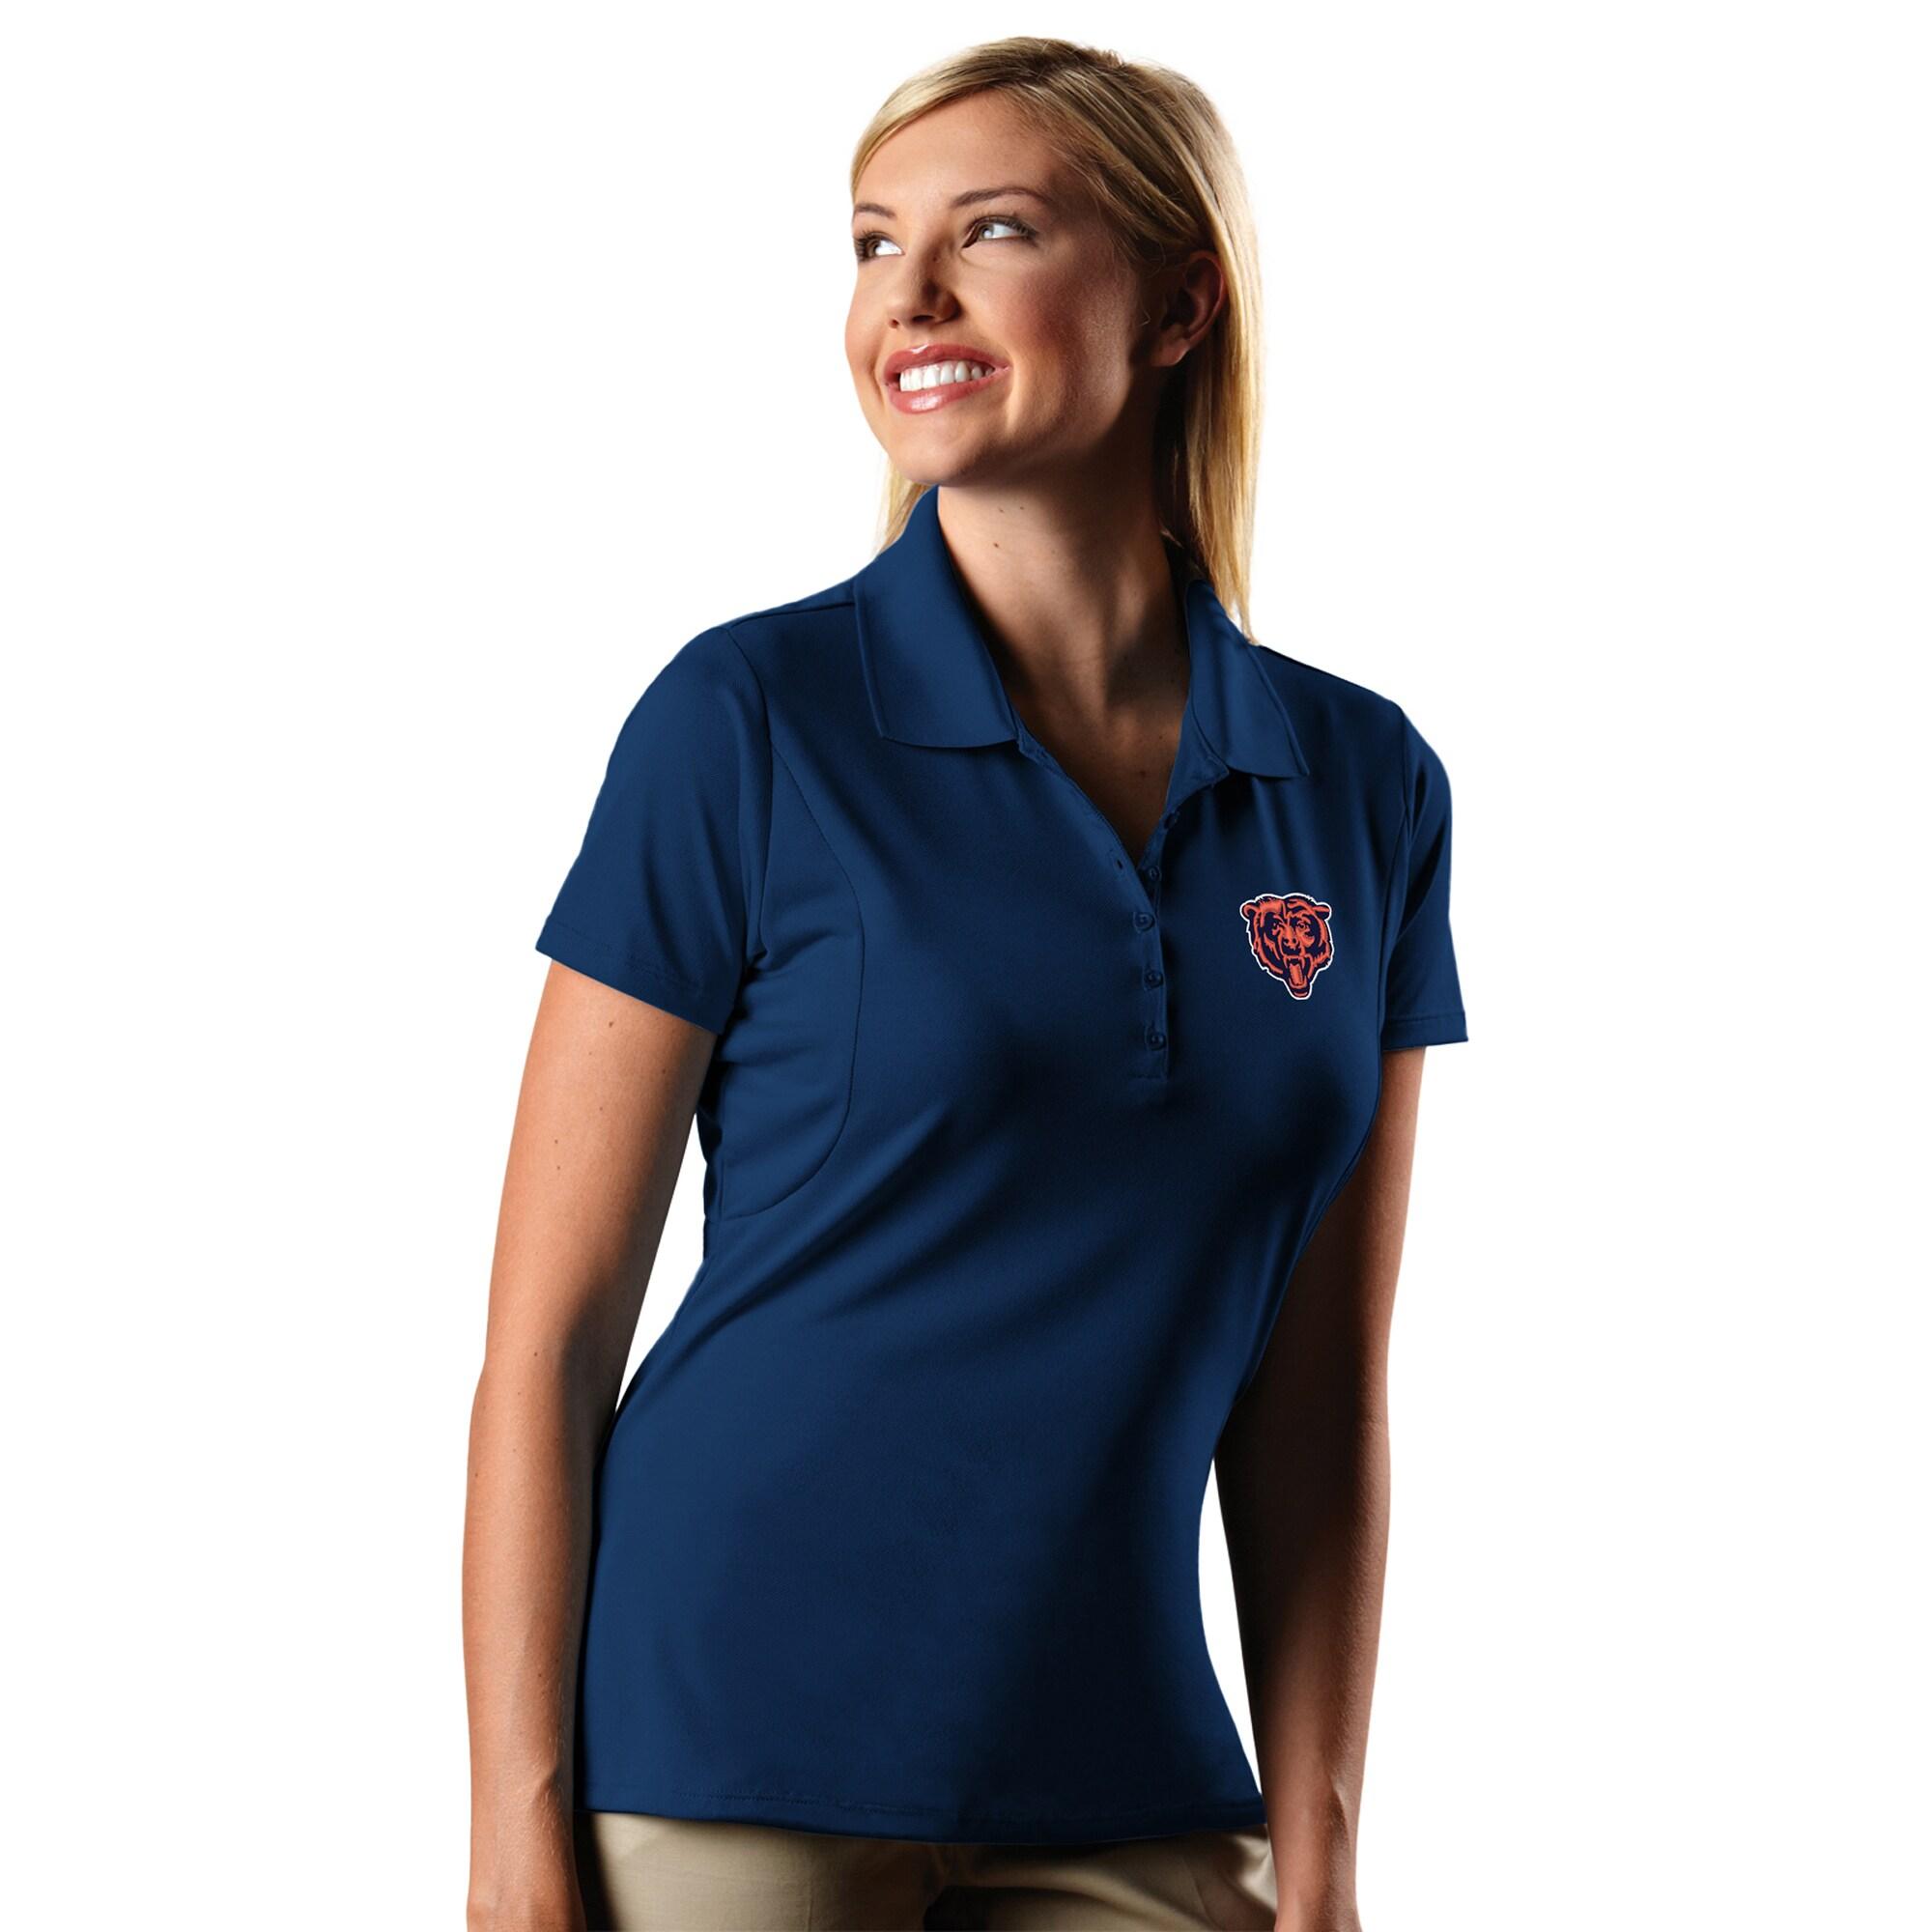 Chicago Bears Antigua Women's Pique Xtra-Lite Polo - Navy